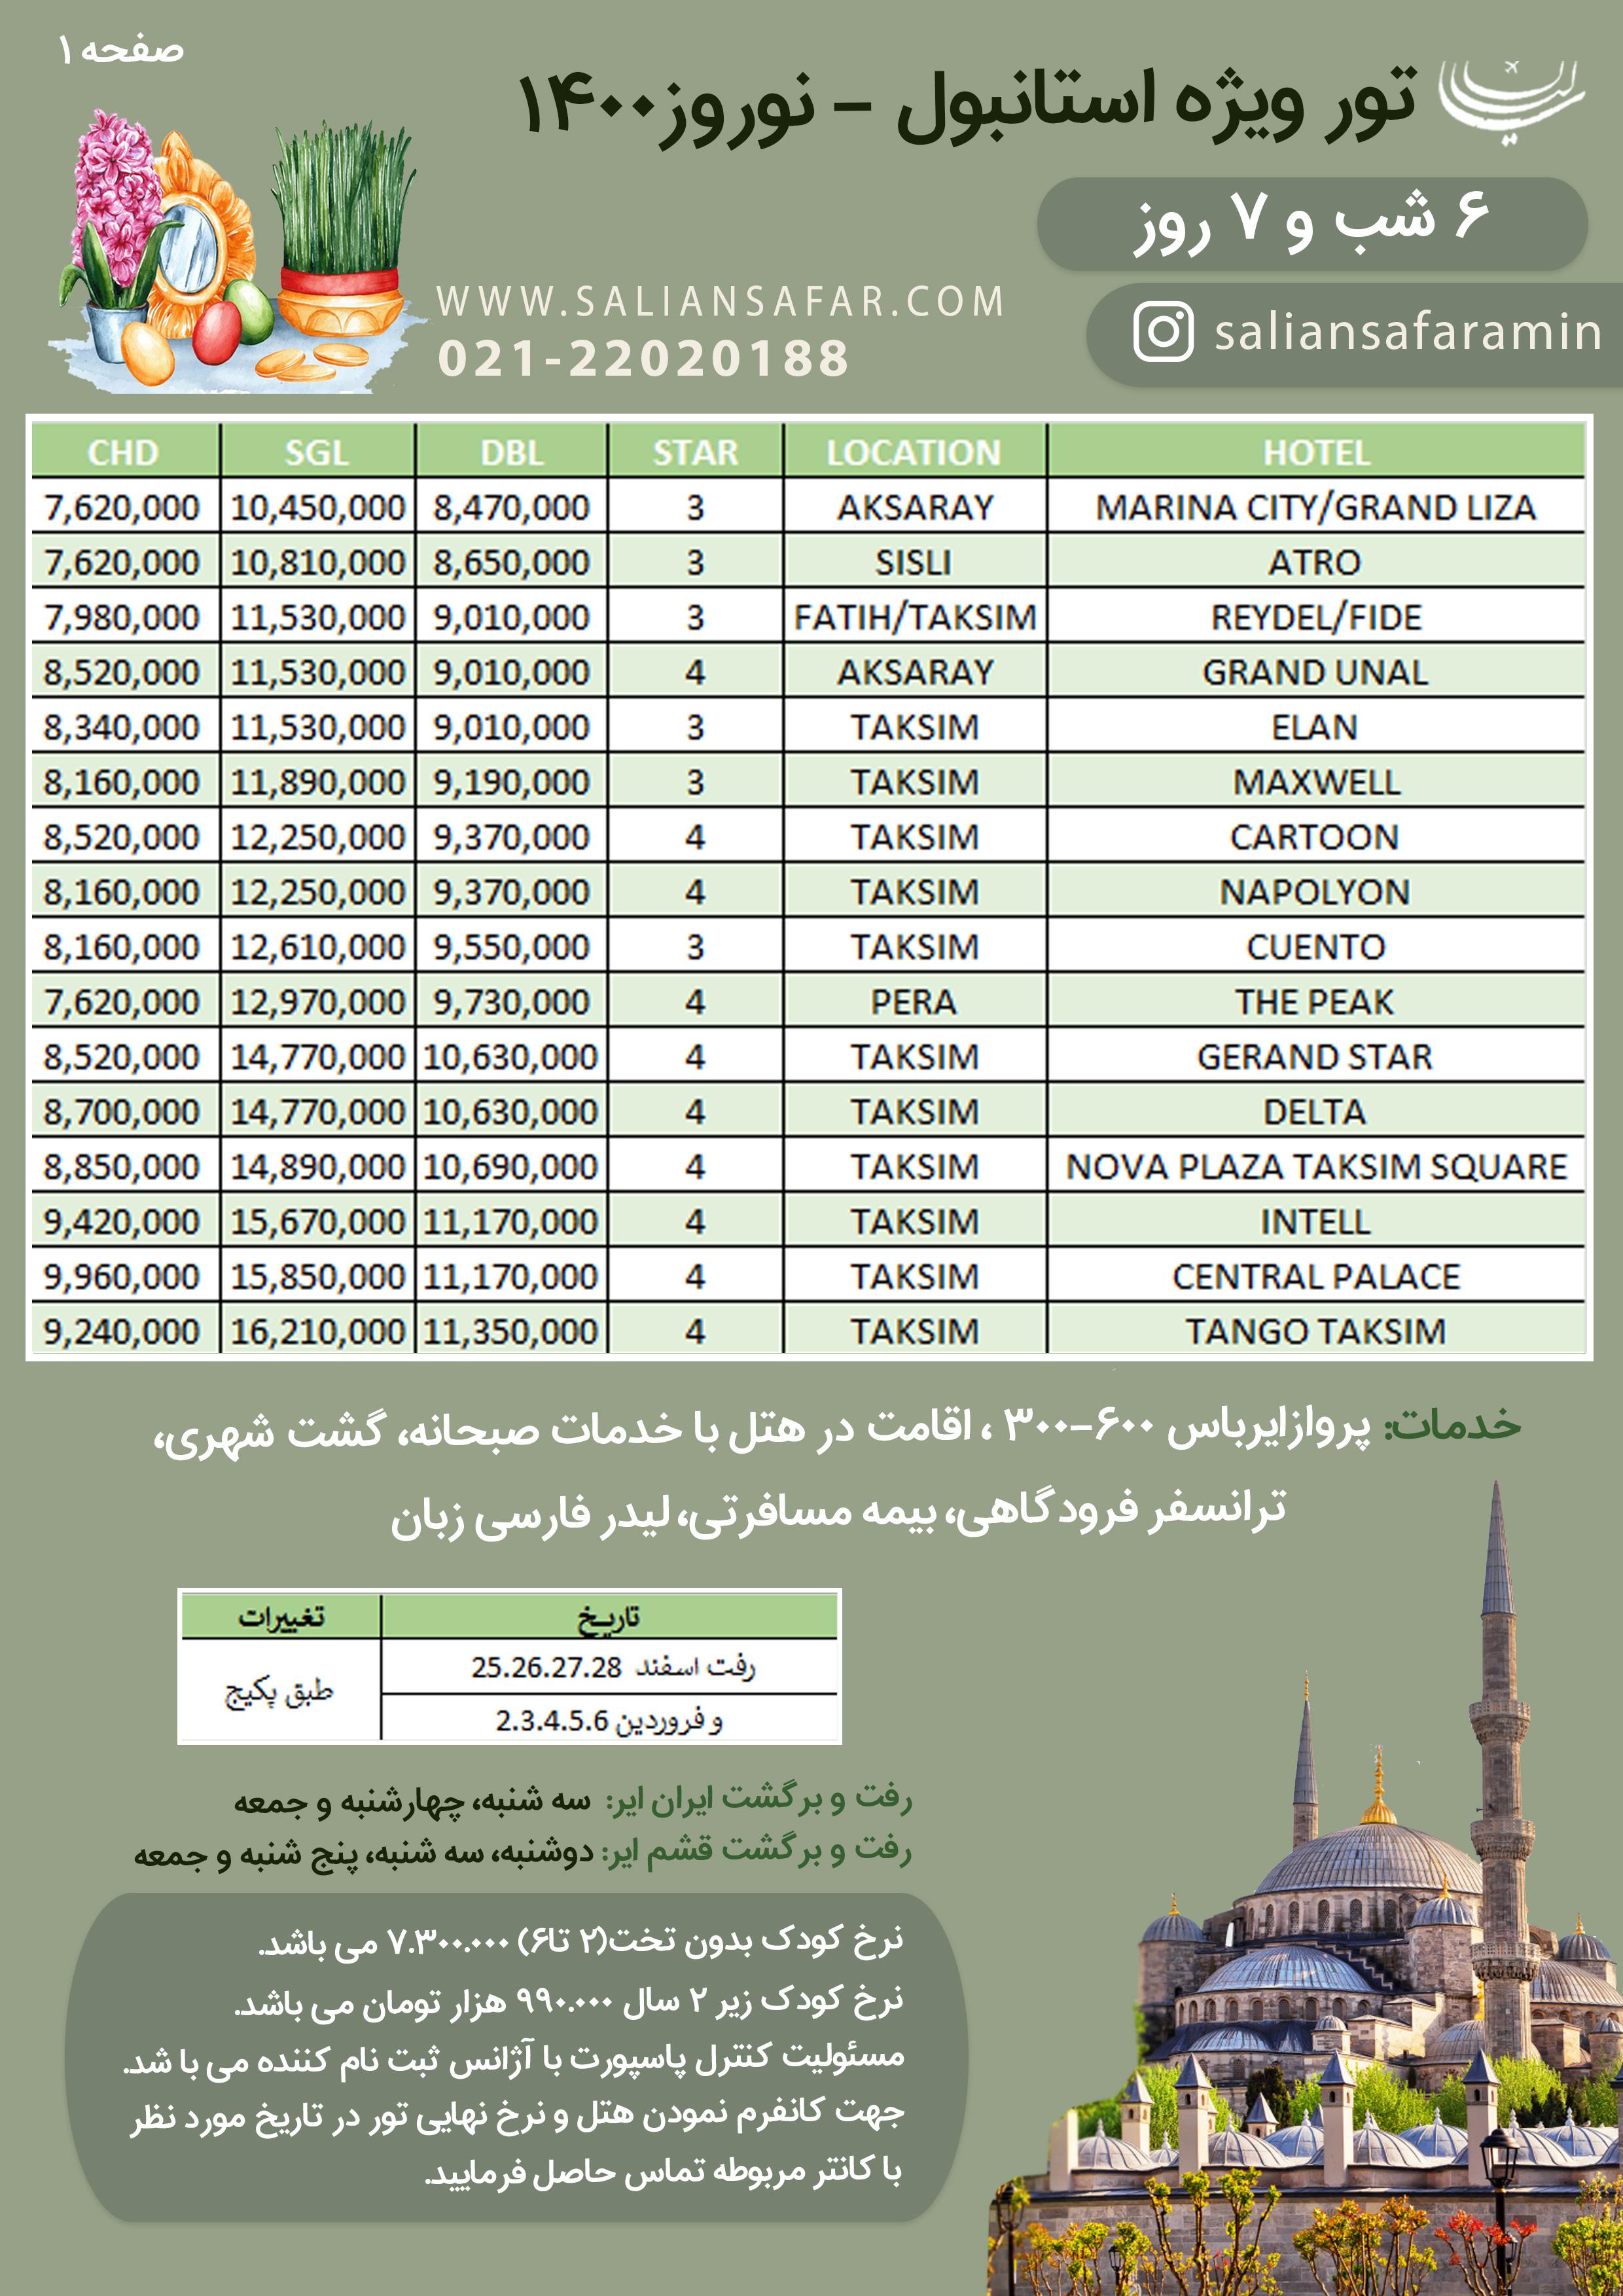 تور استانبول 6 شب و 7 روز نوروز 1400